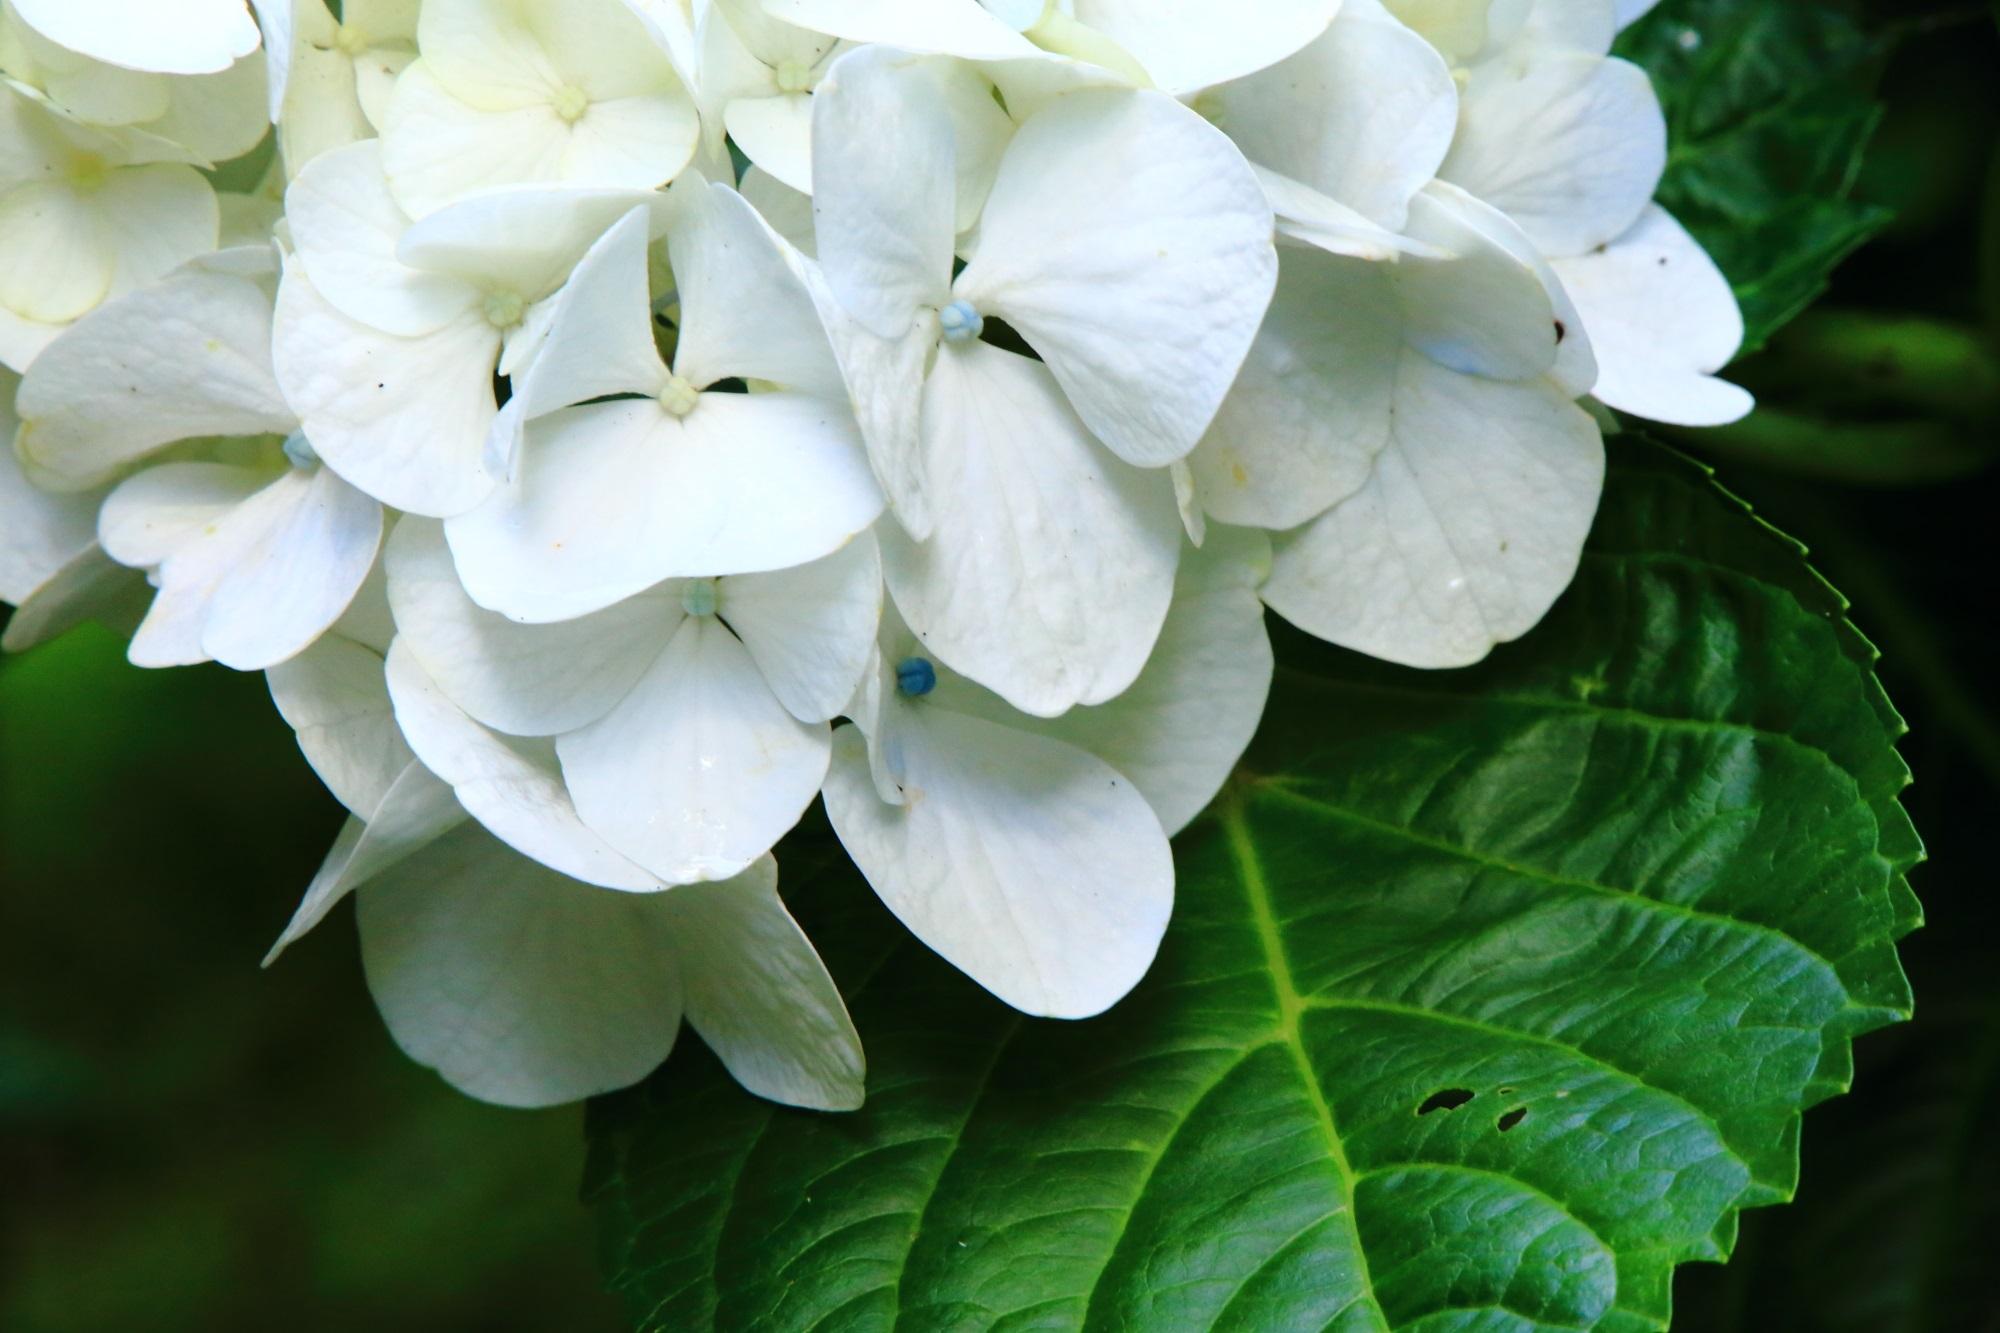 爽やかな白い花の華やかな紫陽花